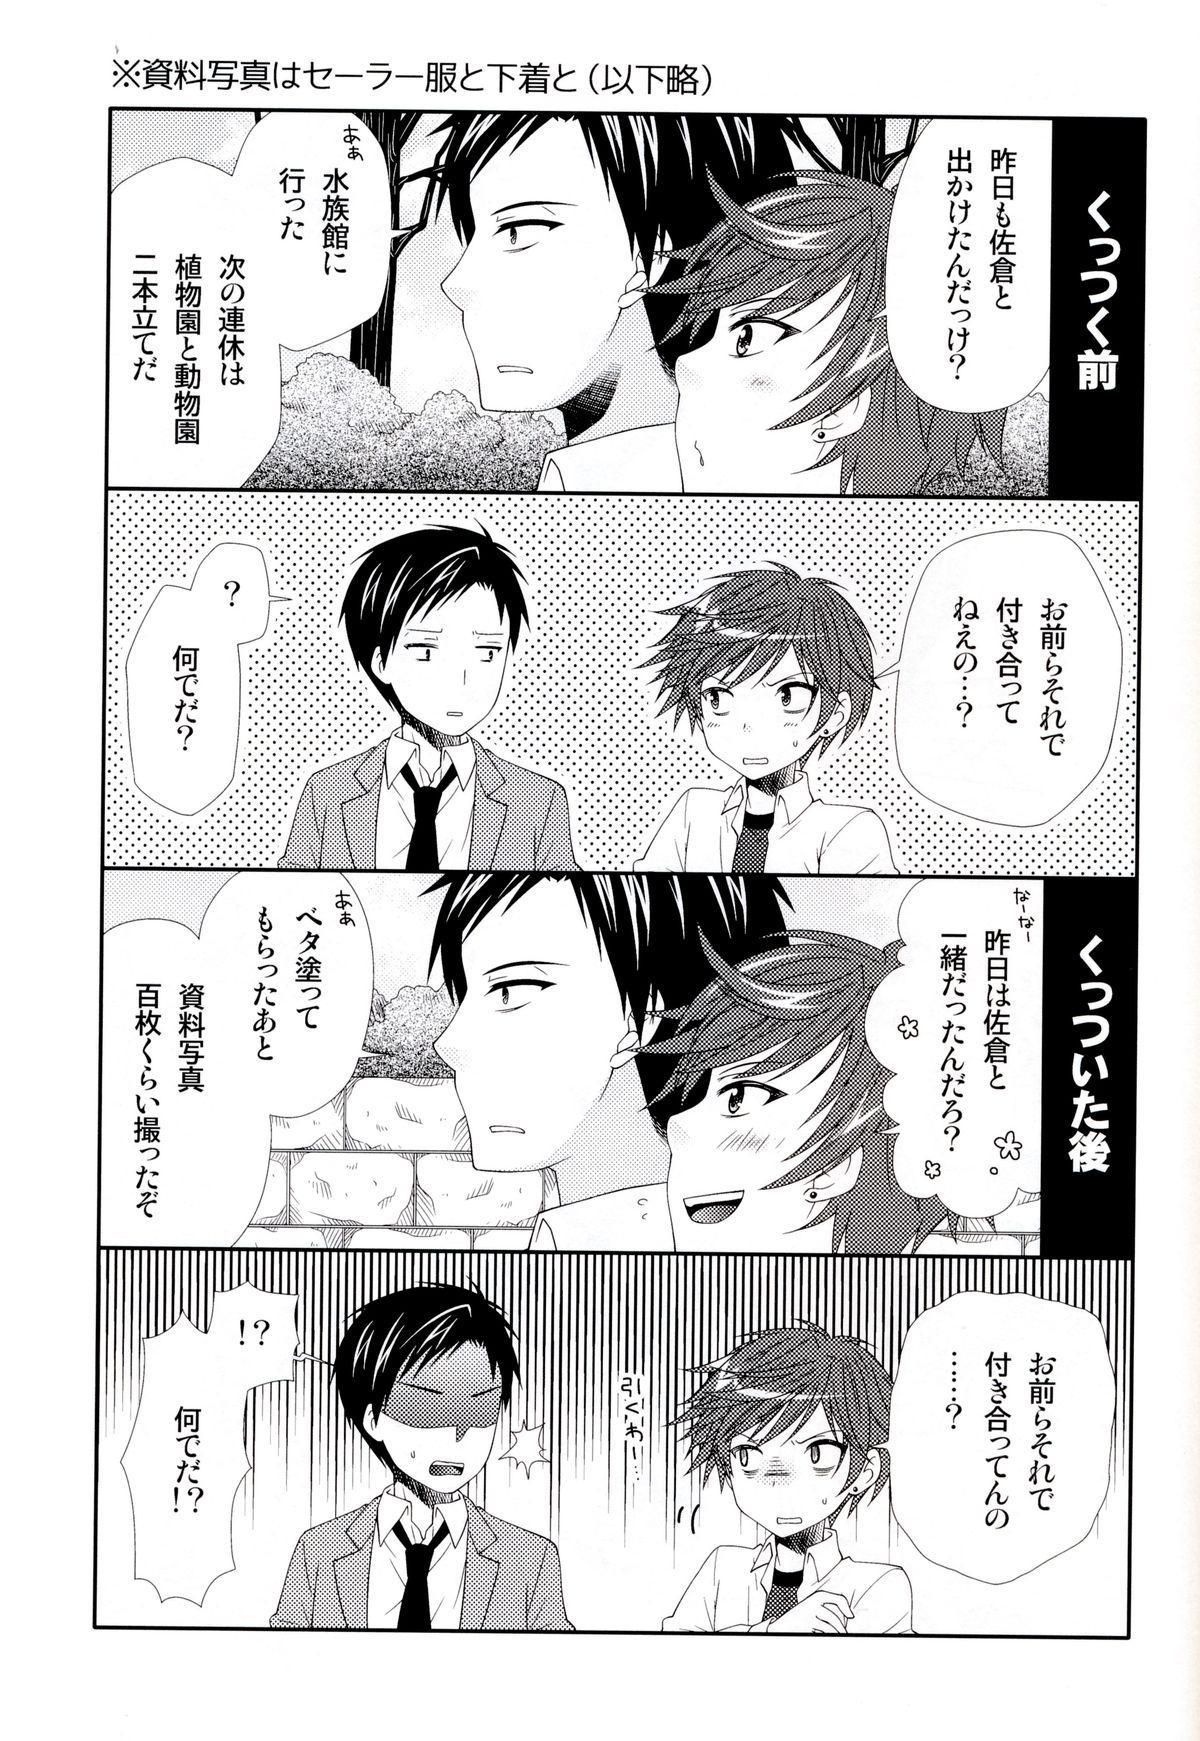 Nozaki-kun, Watashi ni Tetsudaeru koto, Aru? 26